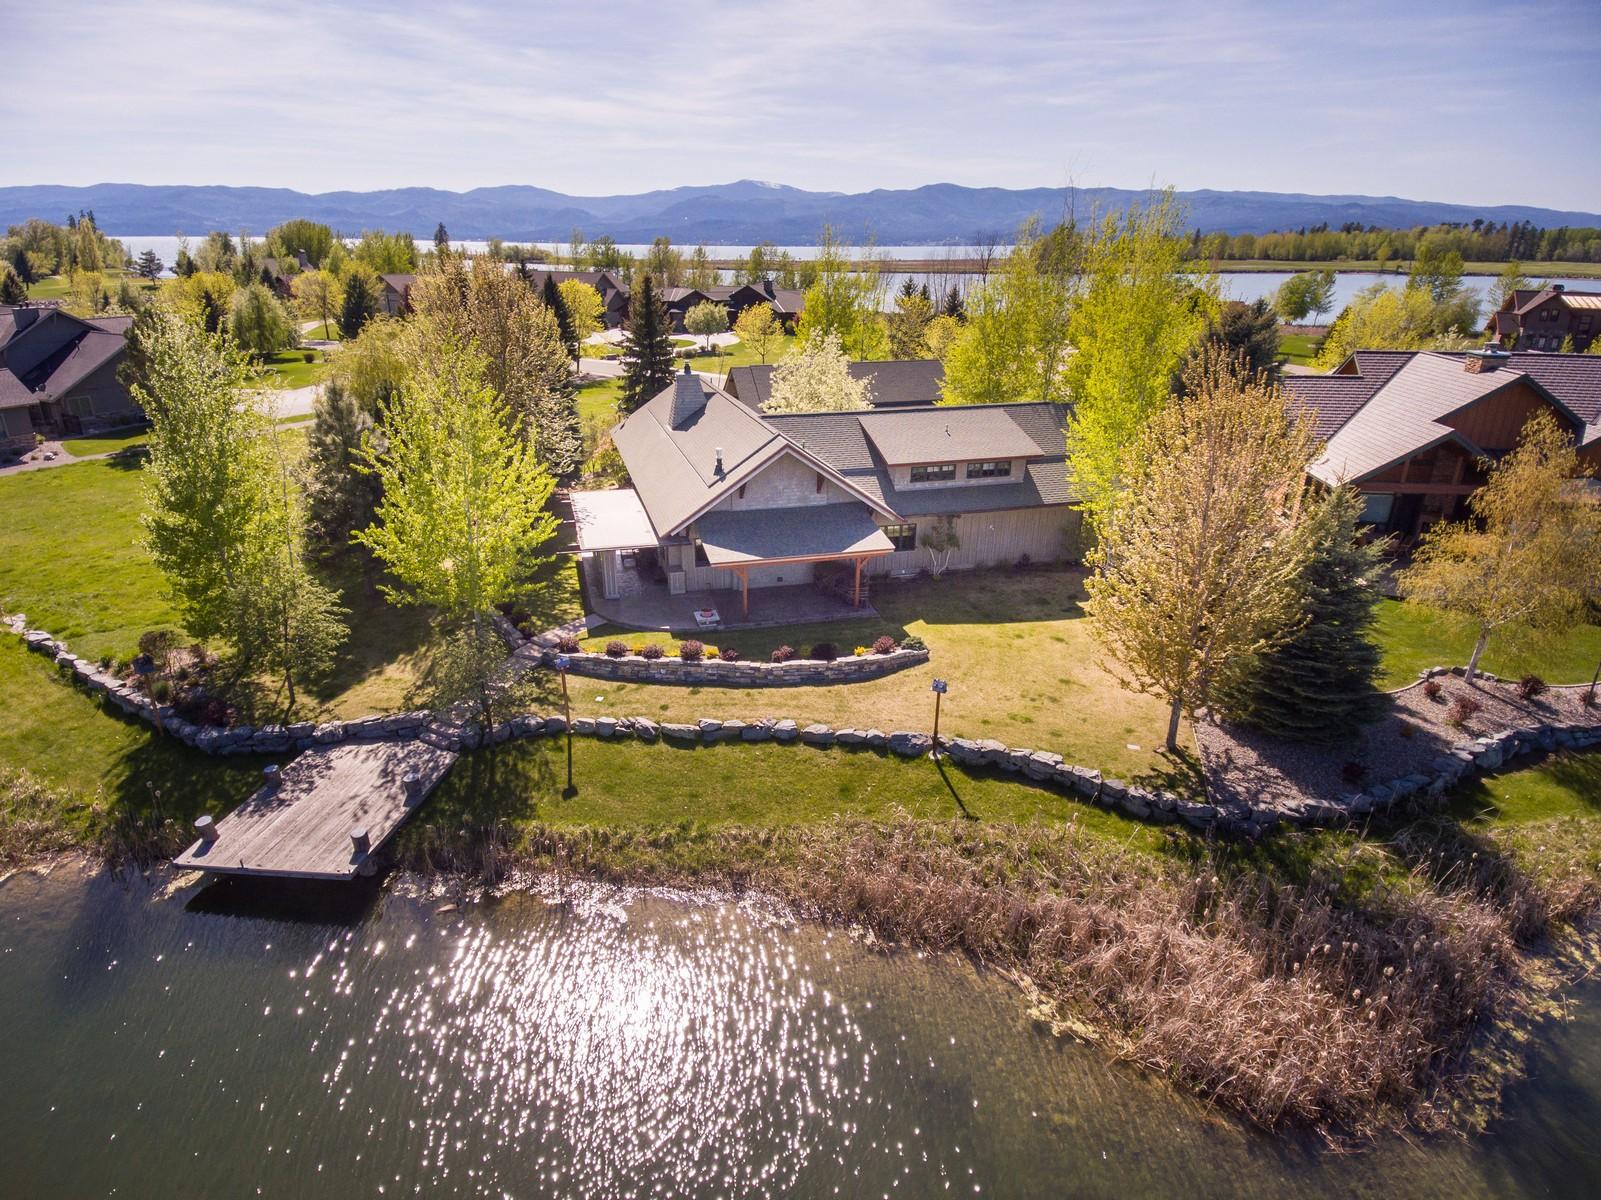 Частный односемейный дом для того Продажа на Harbor Village 309 Canal St Bigfork, Монтана, 59911 Соединенные Штаты